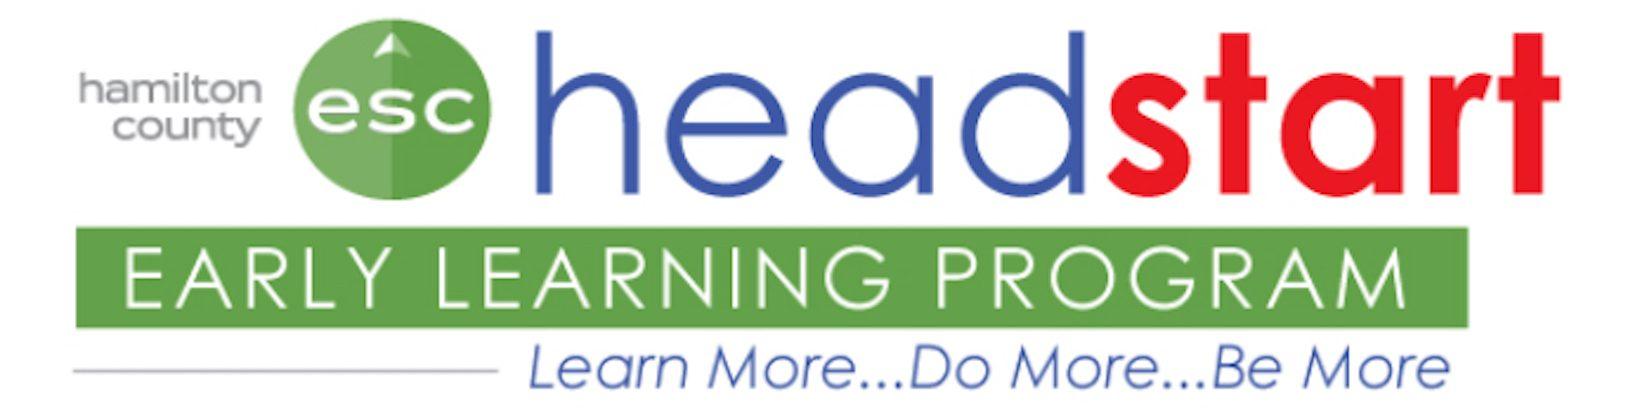 HCESC Early Learning Program